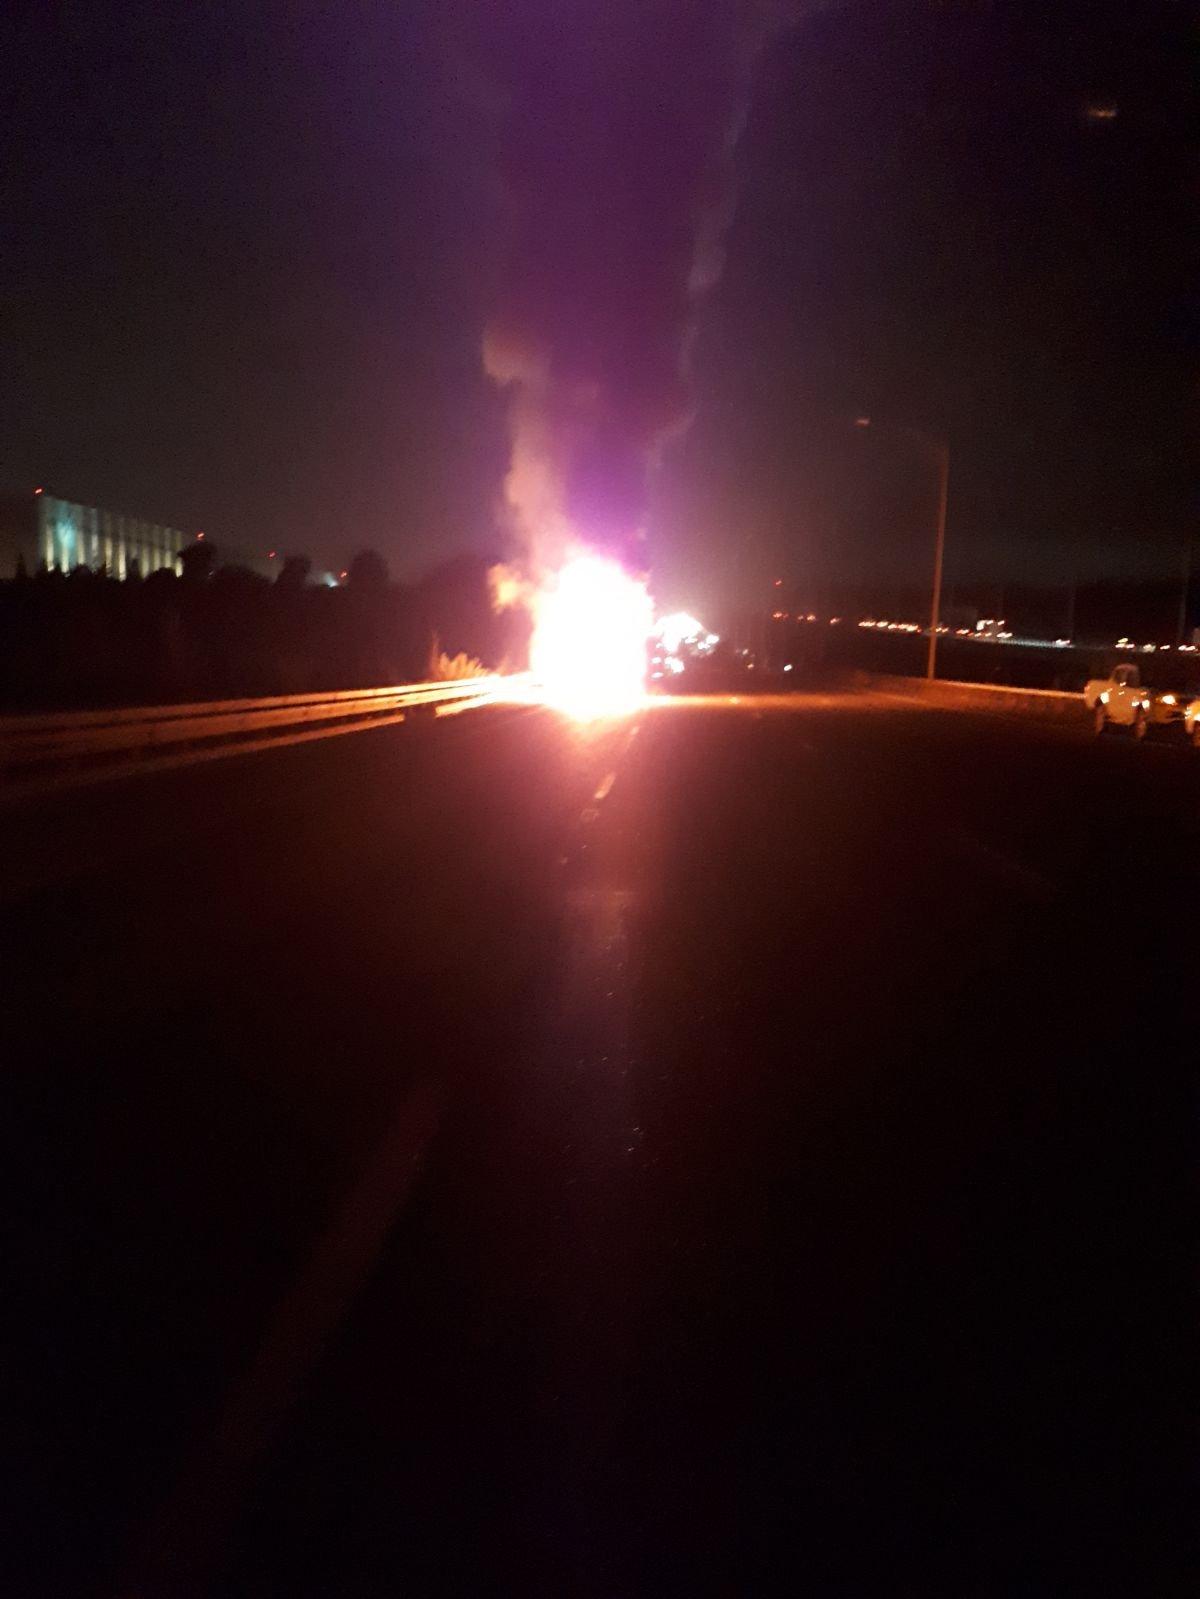 إغلاق شارع 6 باتجاه الجنوب بسبب احتراق شاحنة- صور